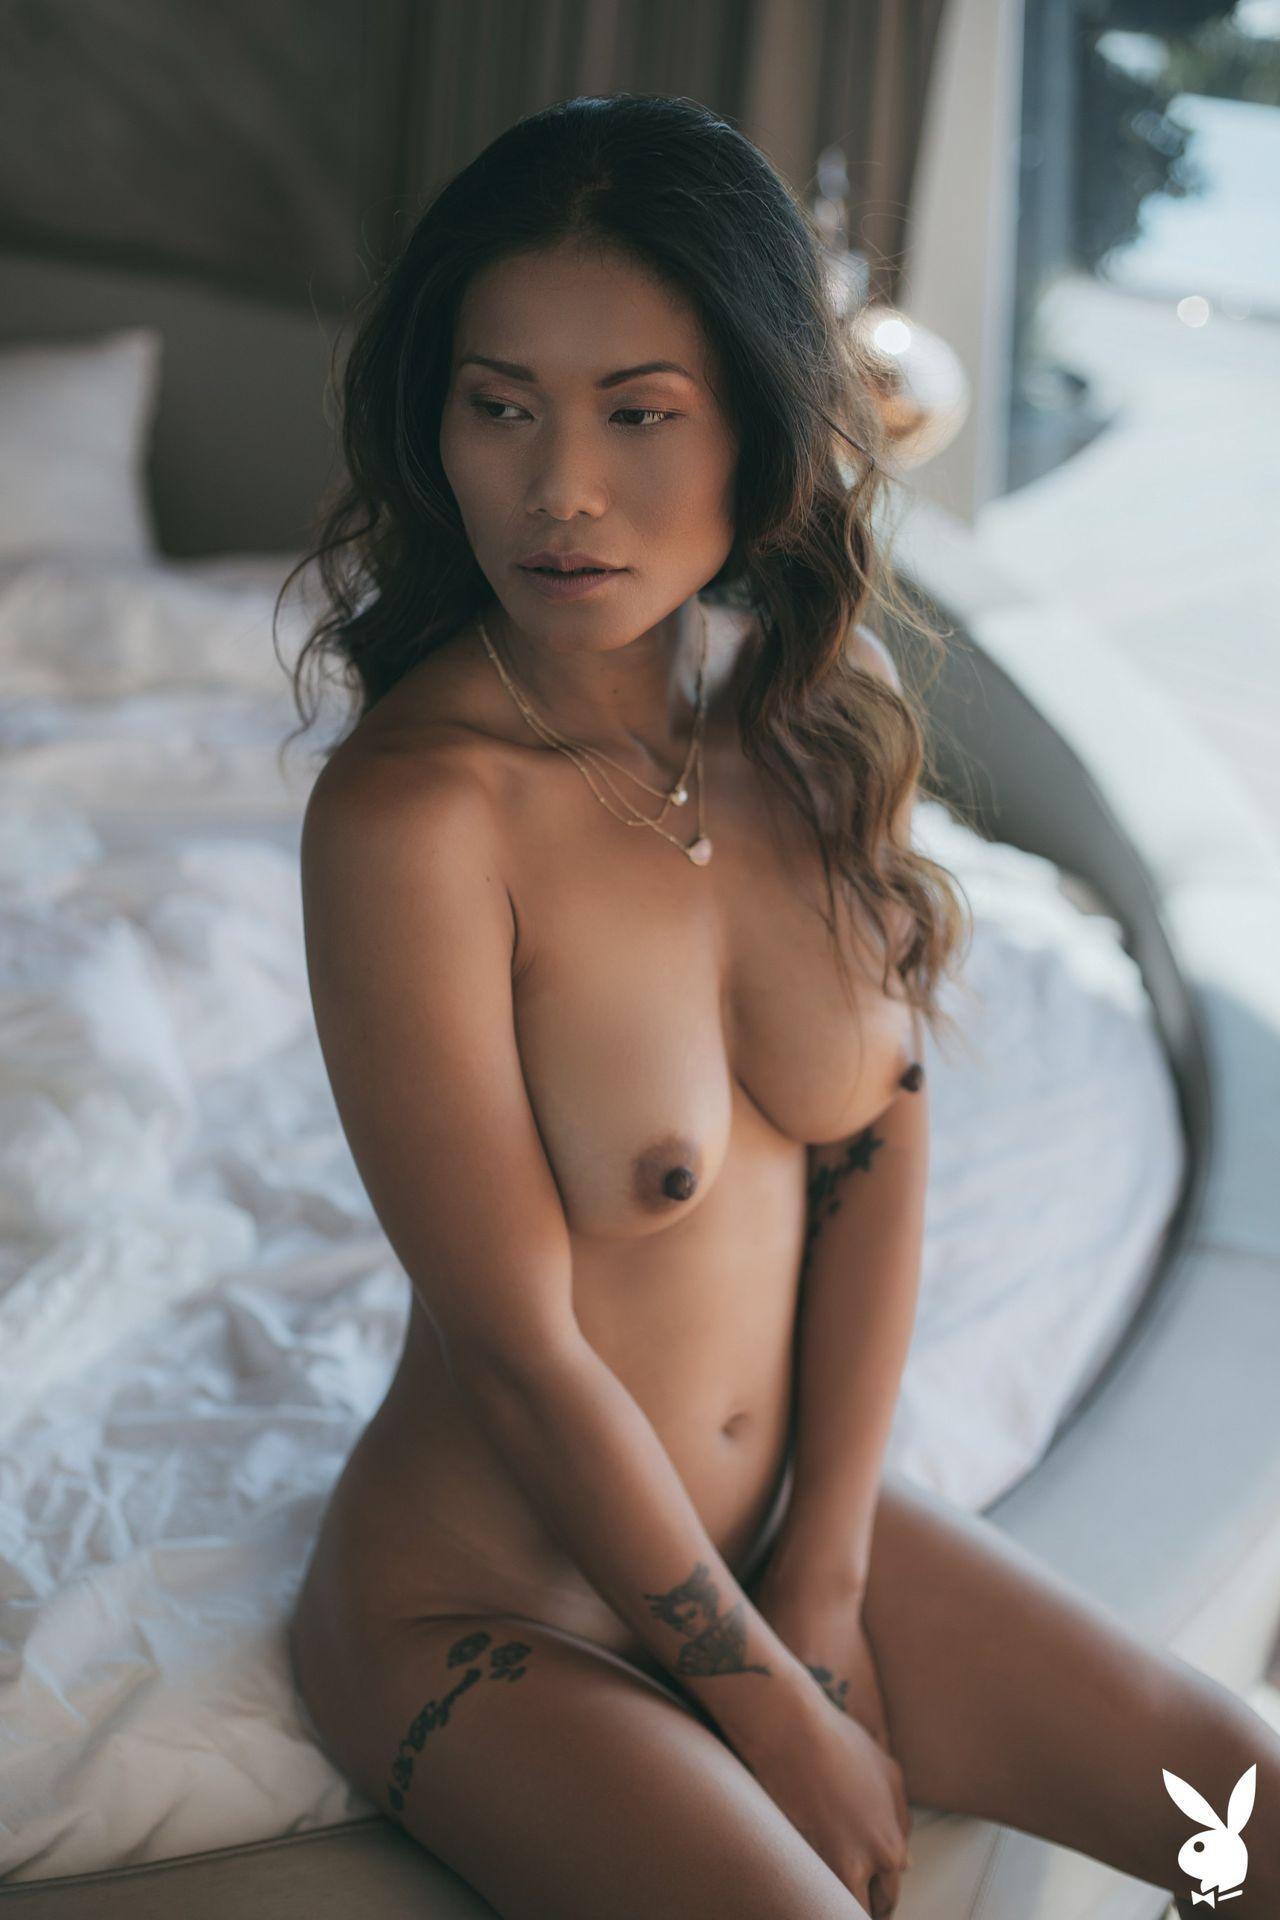 Topless Naked Woman Katana Png